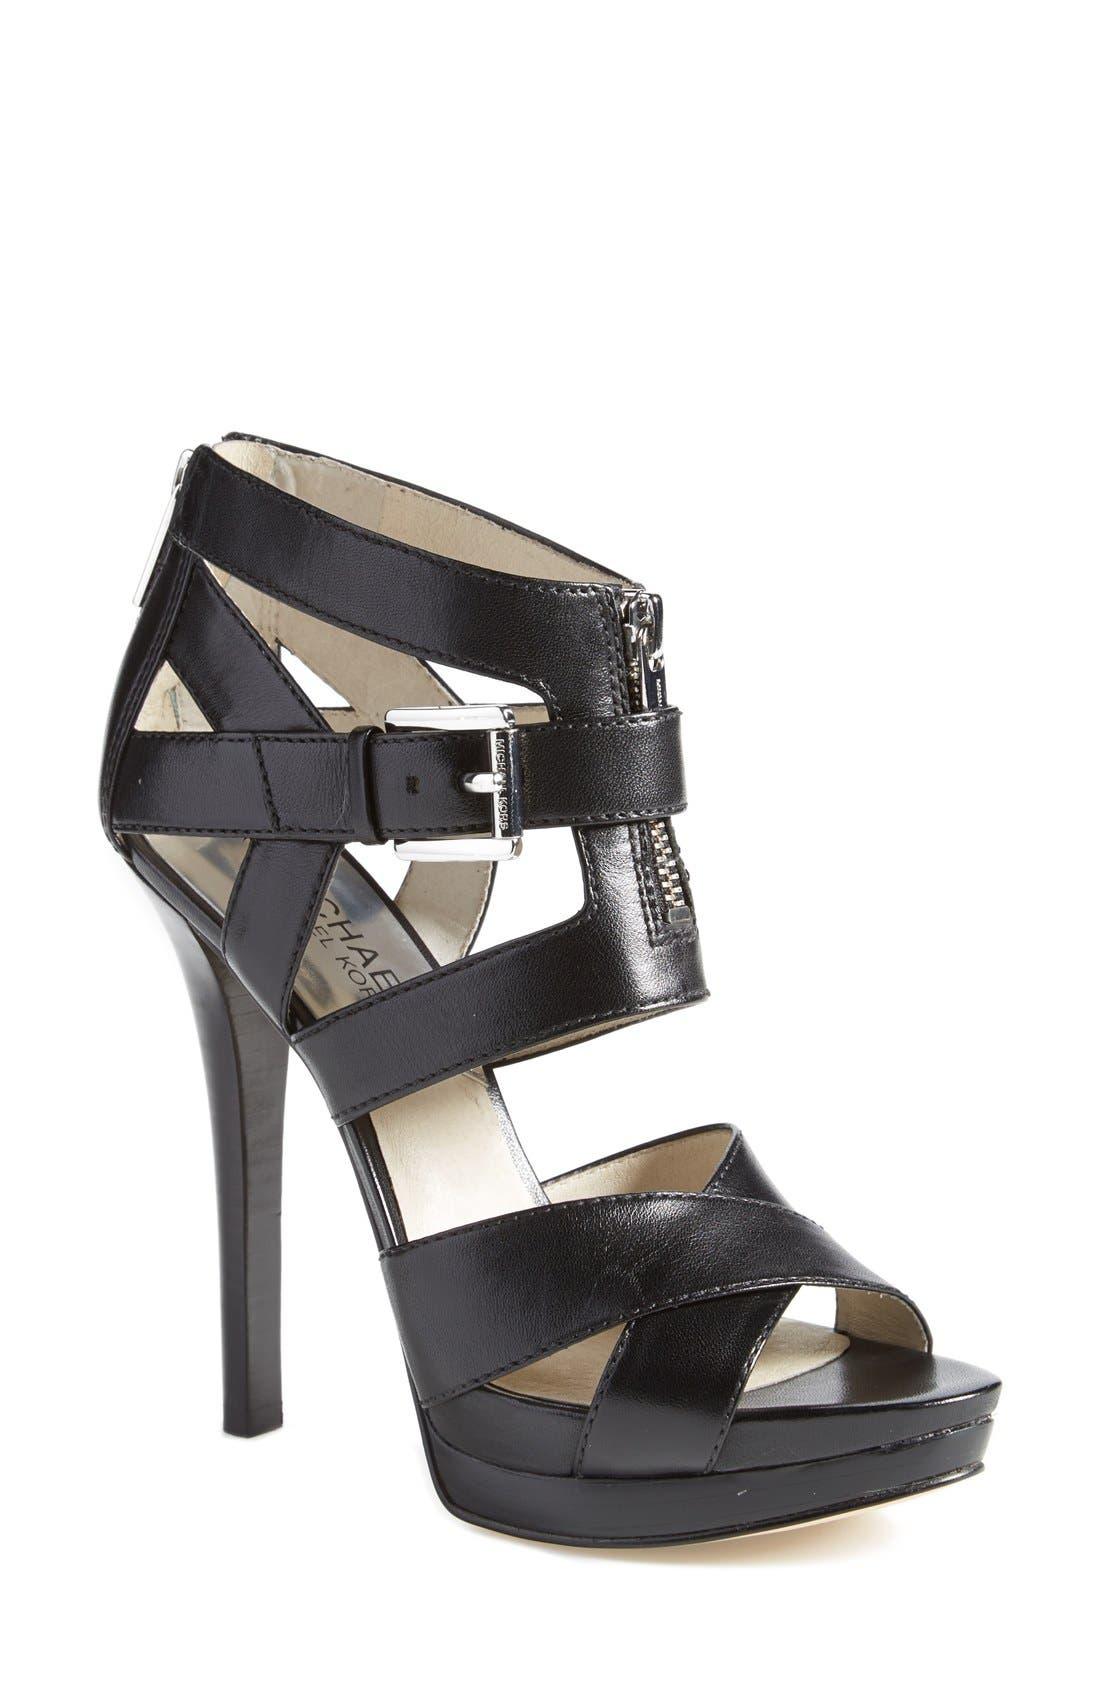 'Anya' Platform Sandal,                             Main thumbnail 1, color,                             001